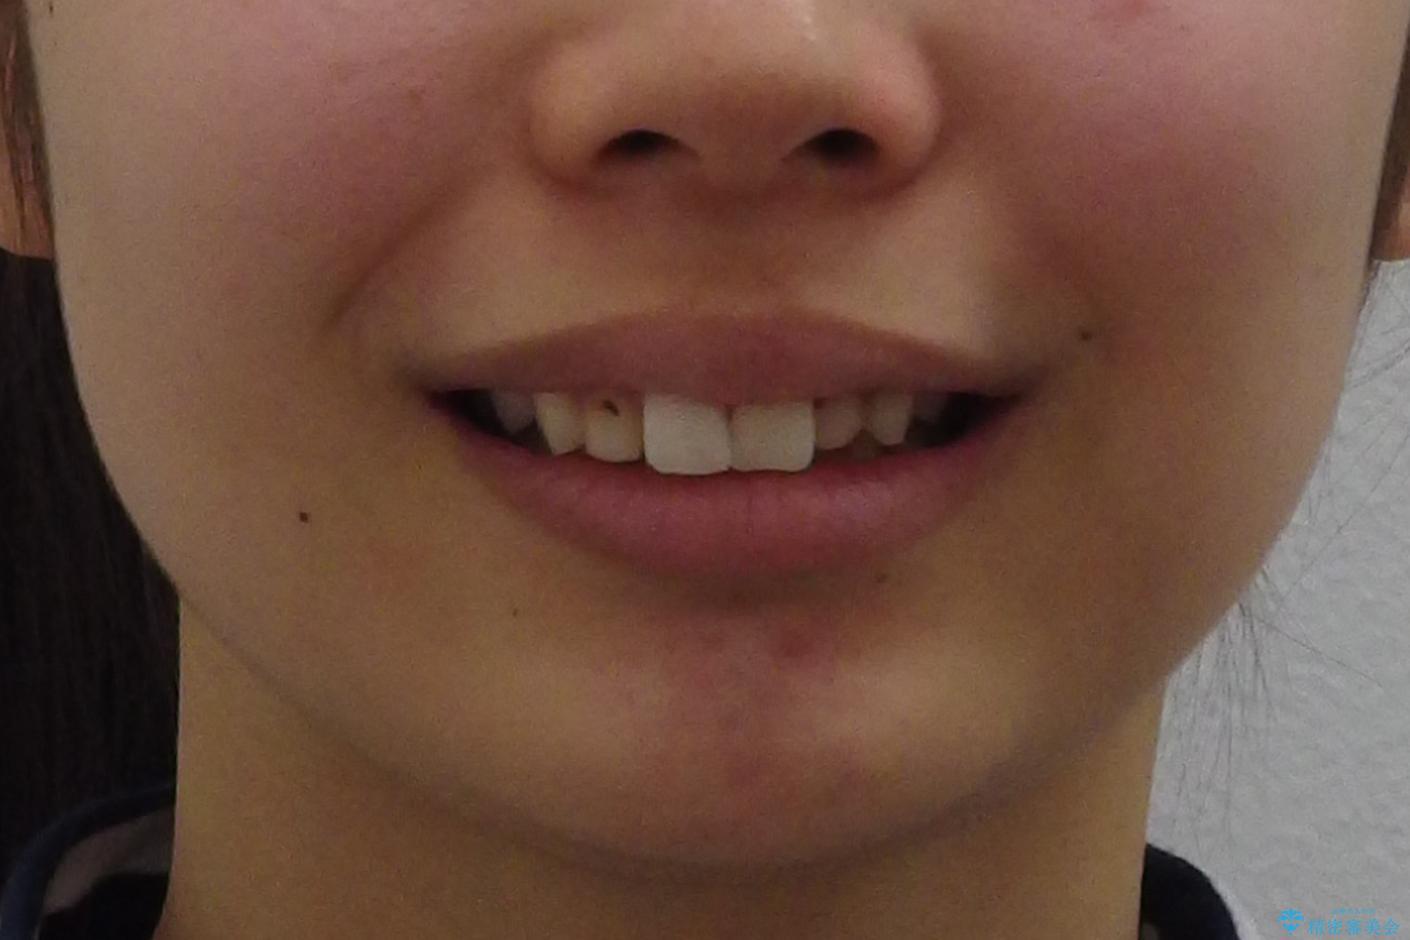 出っ歯を治したい 過蓋咬合の治療前(顔貌)